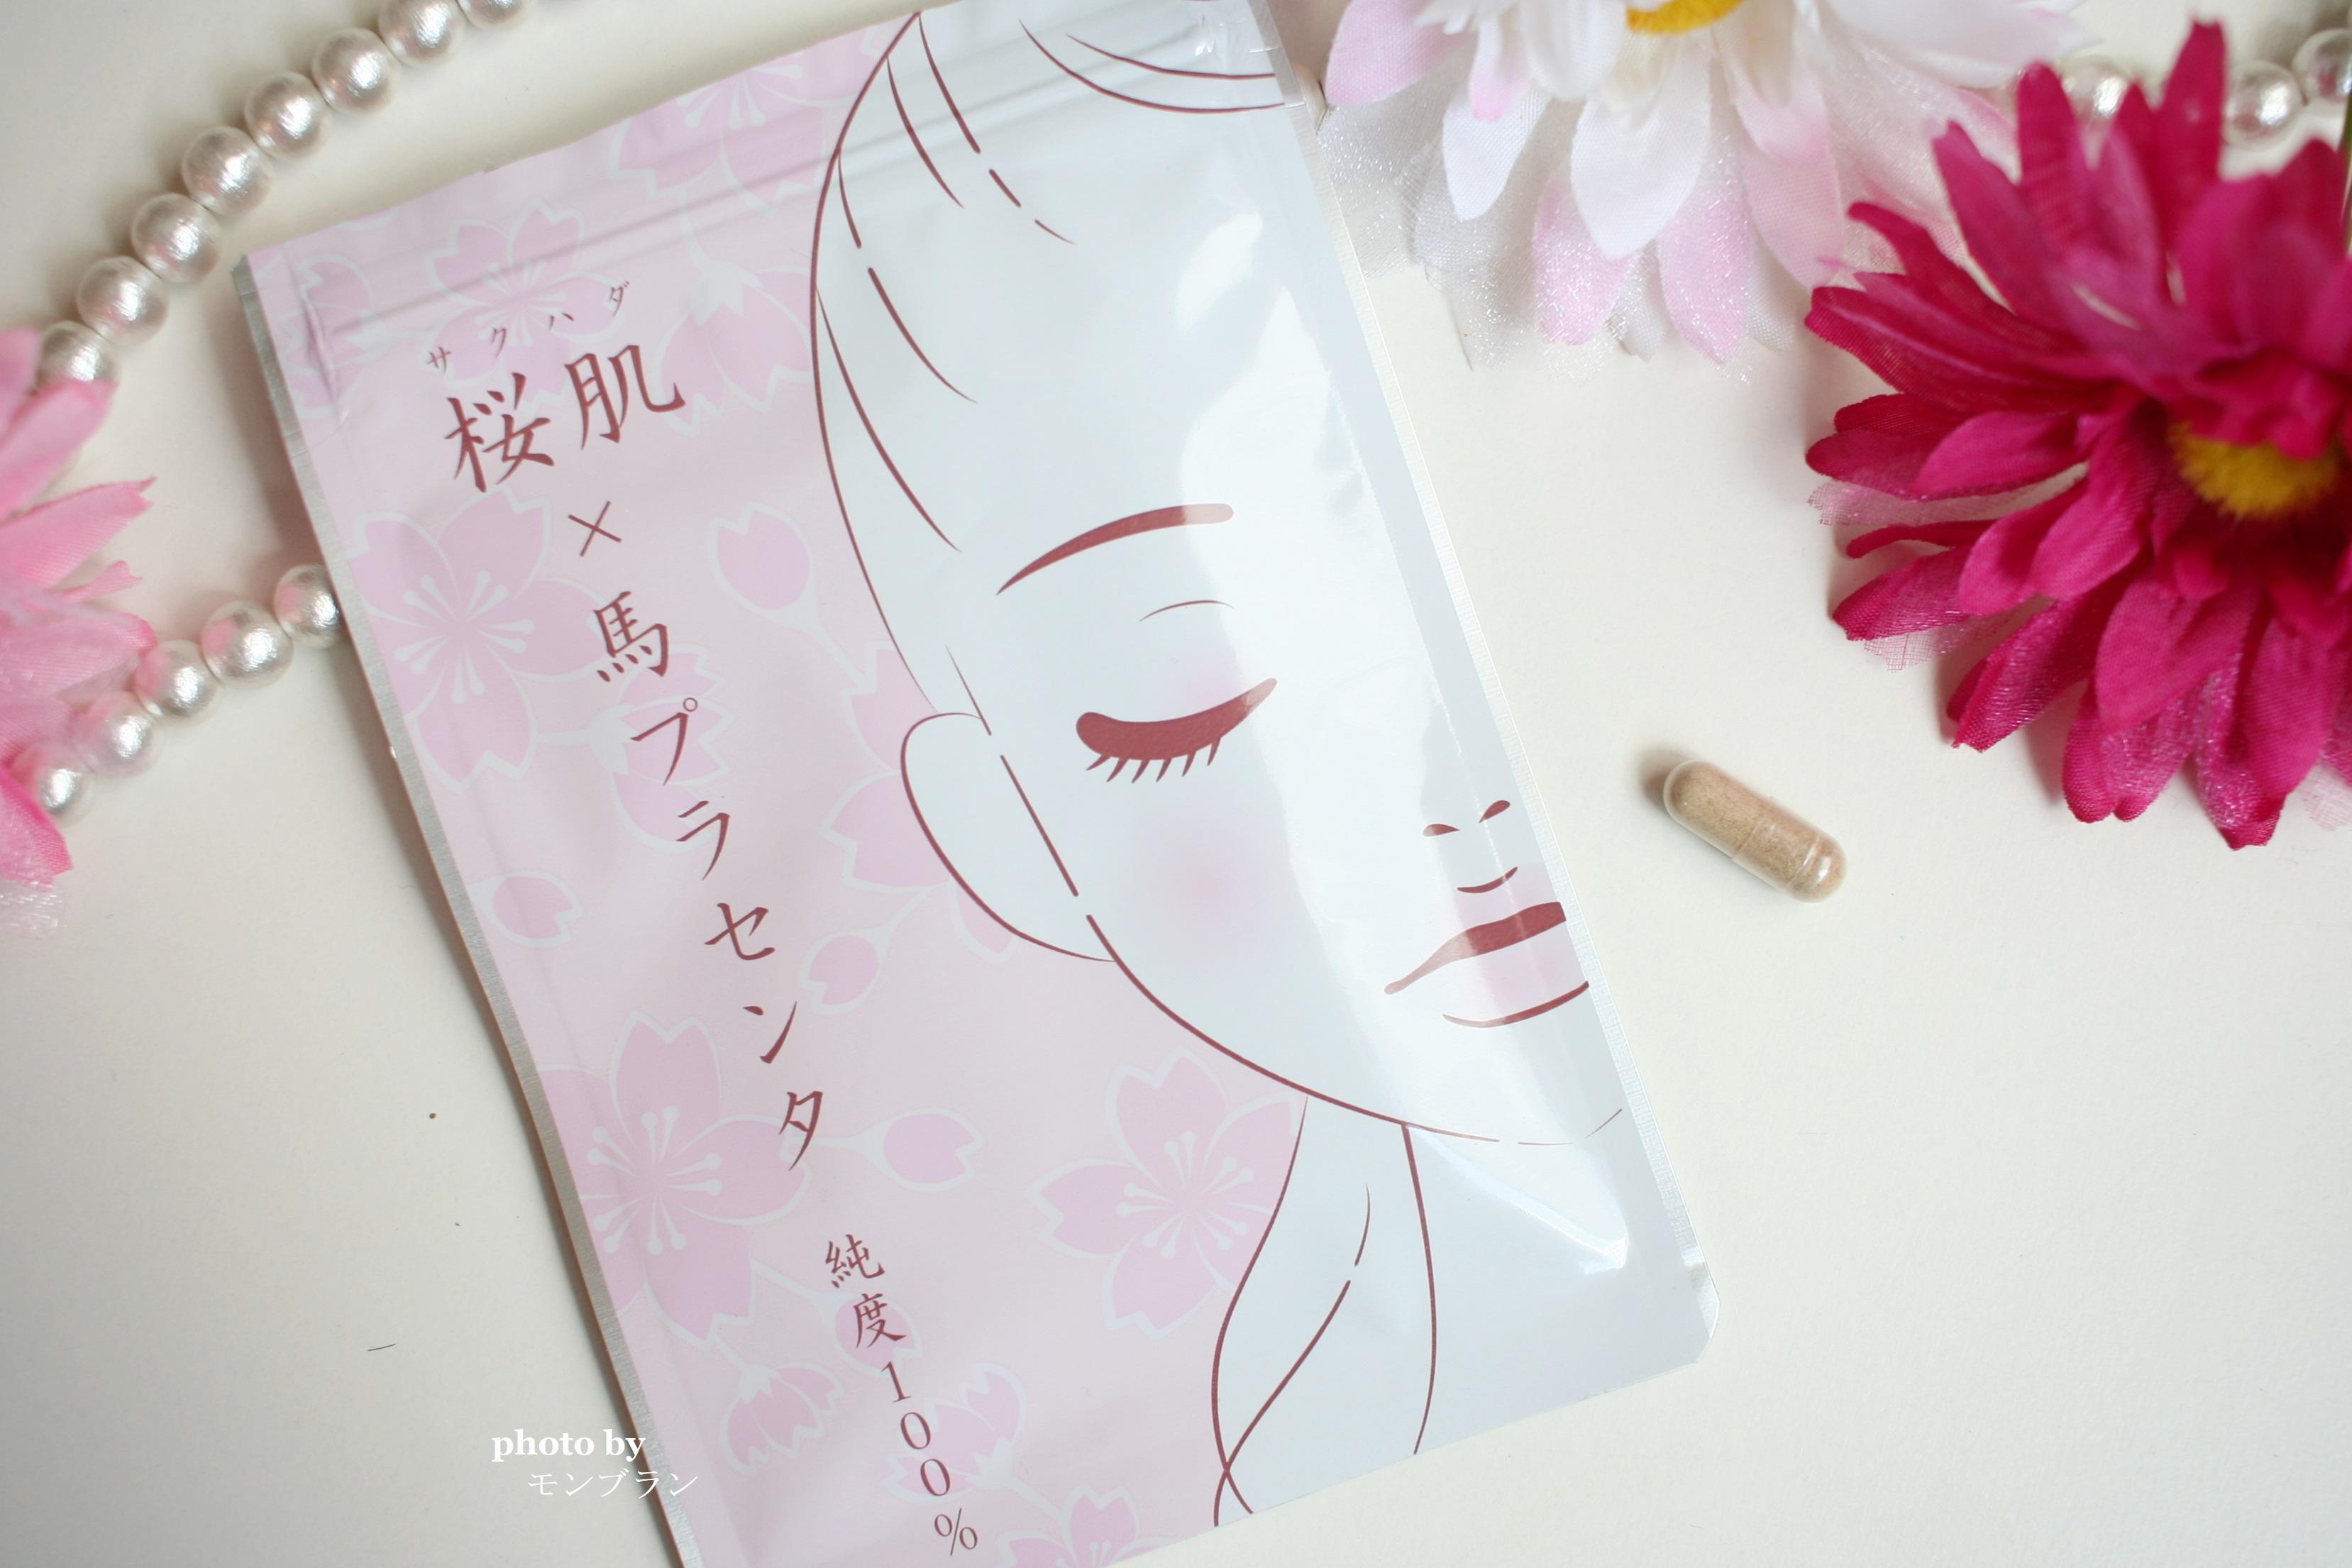 桜肌×馬プラセンタ純度100%を最安値で買う方法